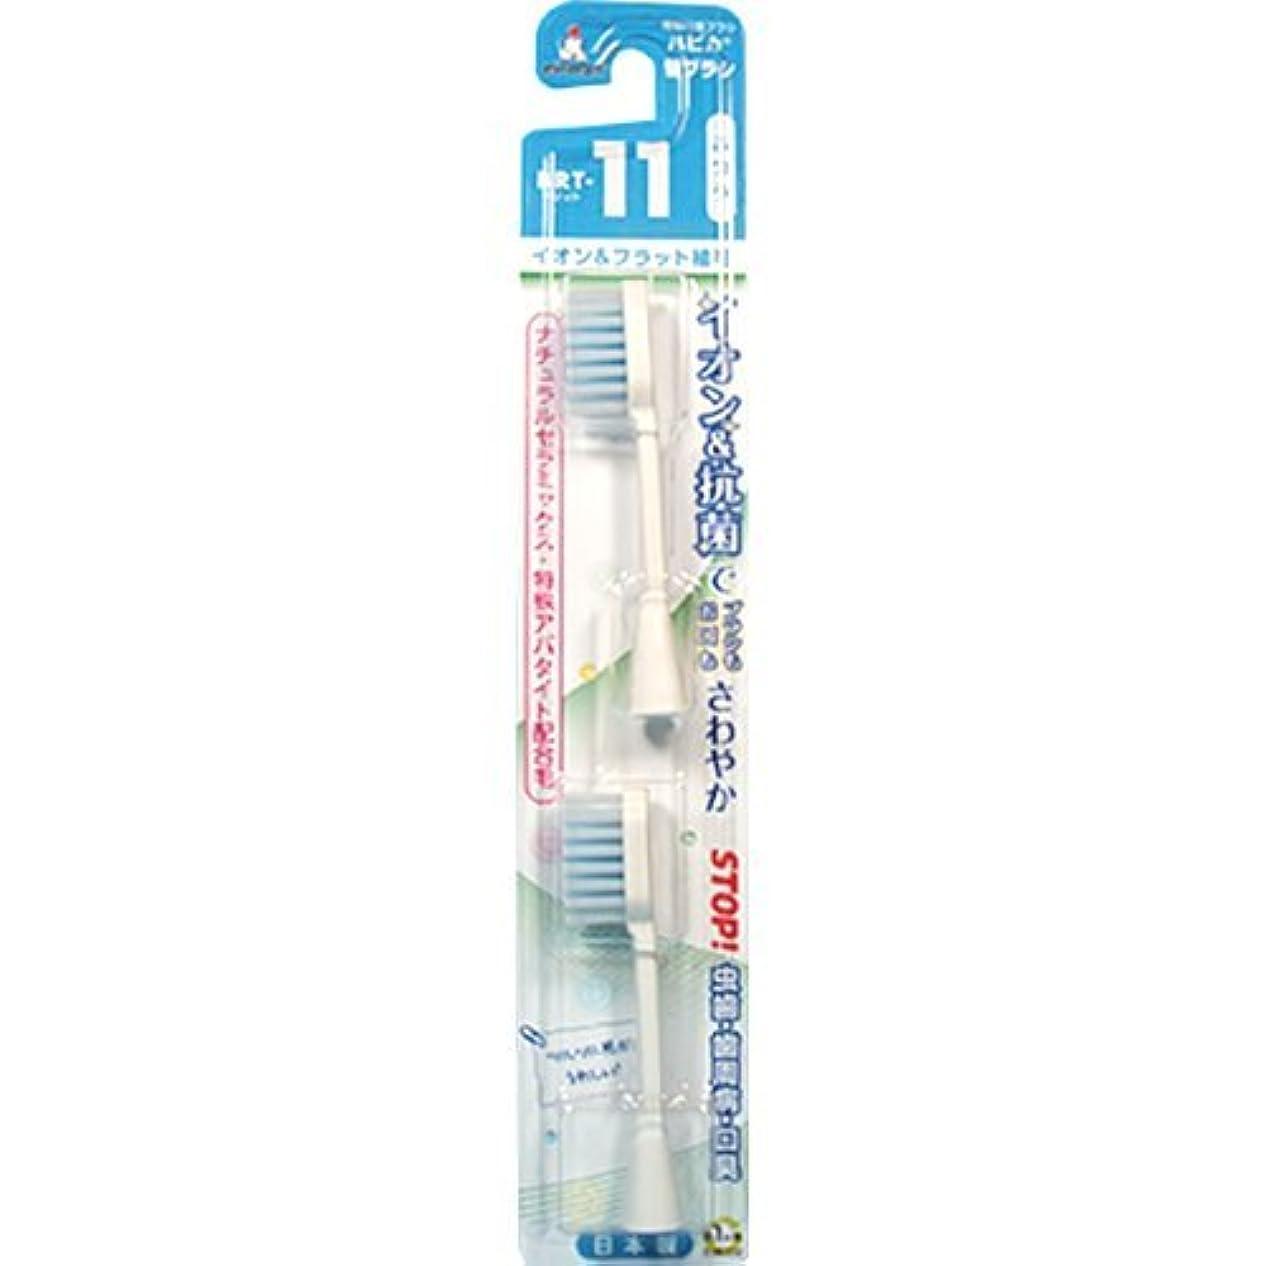 覗くオッズマインドフルミニマム 電動付歯ブラシ ハピカ 専用替ブラシ イオン+フラット植毛 毛の硬さ:ふつう BRT-11 2個入